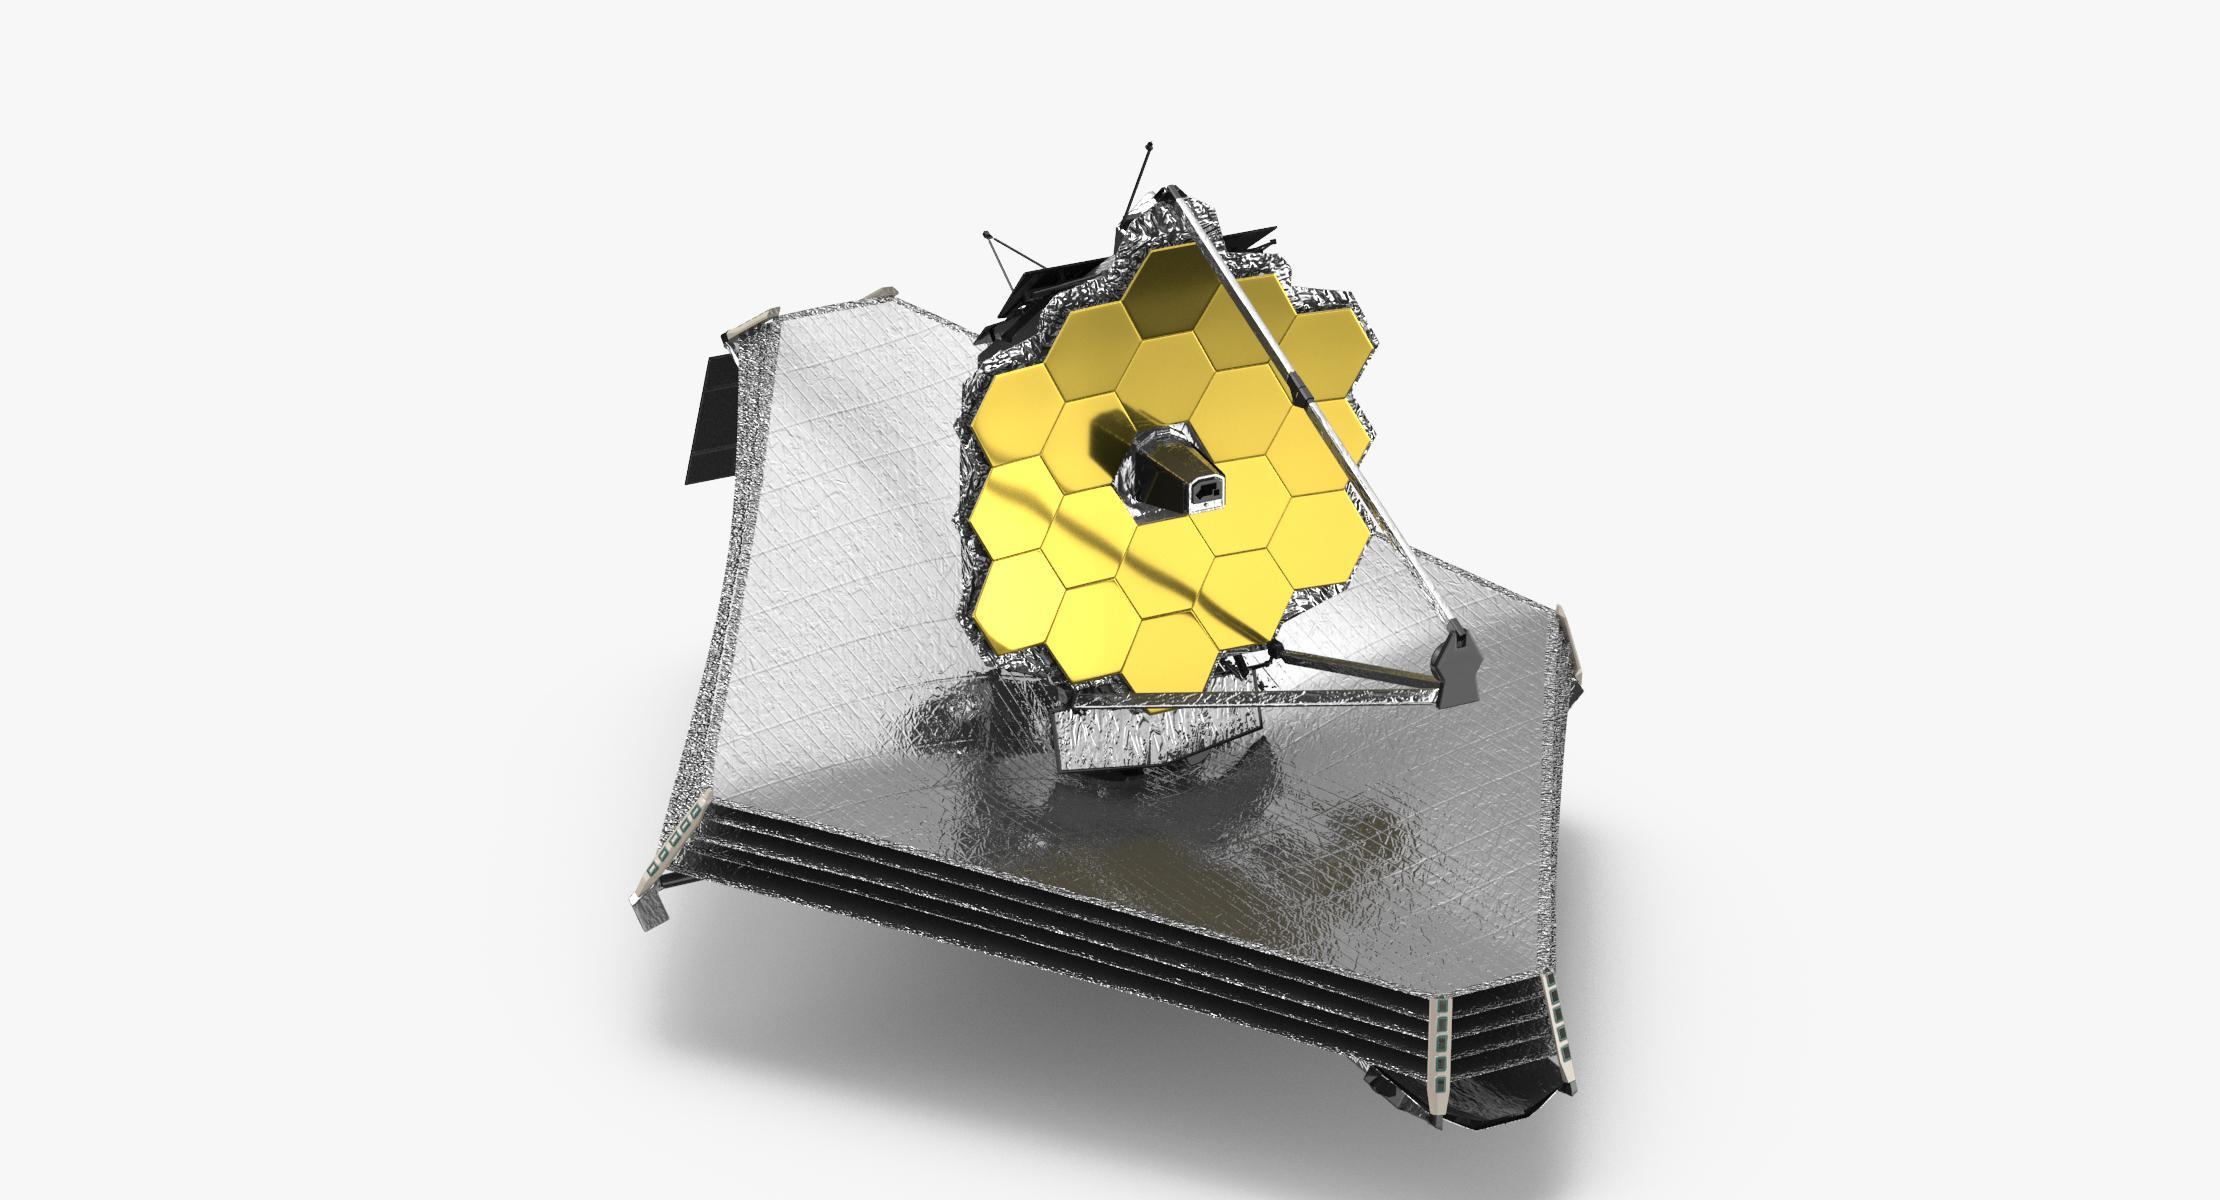 James Webb Space Telescope - reel 1